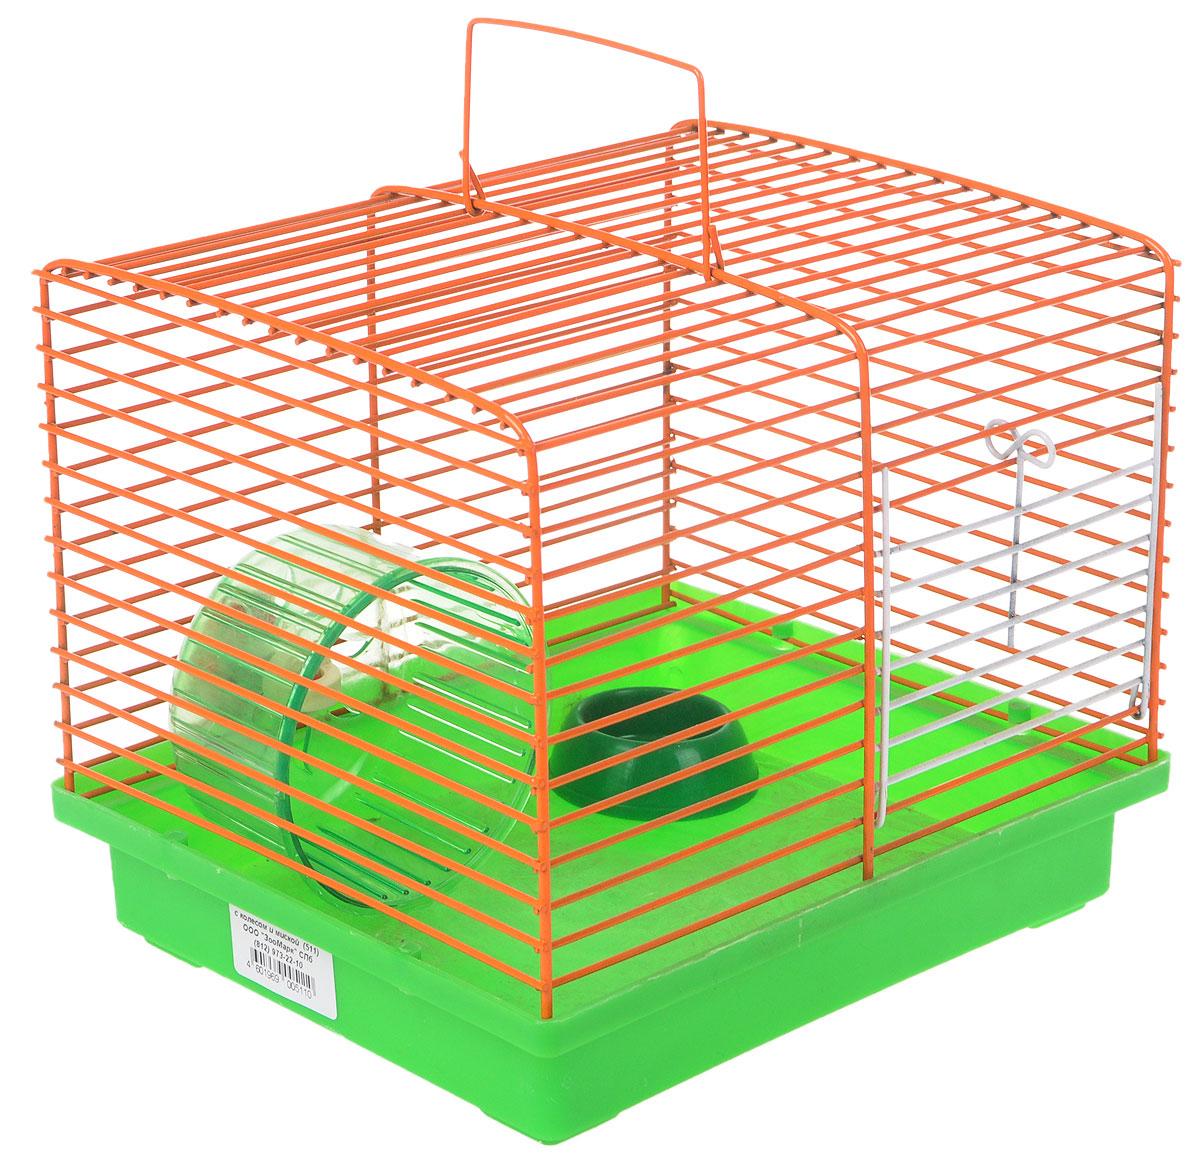 Клетка для хомяка ЗооМарк, с колесом и миской, цвет: зеленый поддон, оранжевая решетка, 23 х 18 х 18,5 см511_зеленый поддон, оранжевая решеткаКлетка ЗооМарк, выполненная из пластика и металла, подходит для джунгарского хомячка и других мелких грызунов. Она оборудована колесом для подвижных игр и миской. Клетка имеет яркий поддон, удобна в использовании и легко чистится. Такая клетка станет уединенным личным пространством и уютным домиком для маленького грызуна.